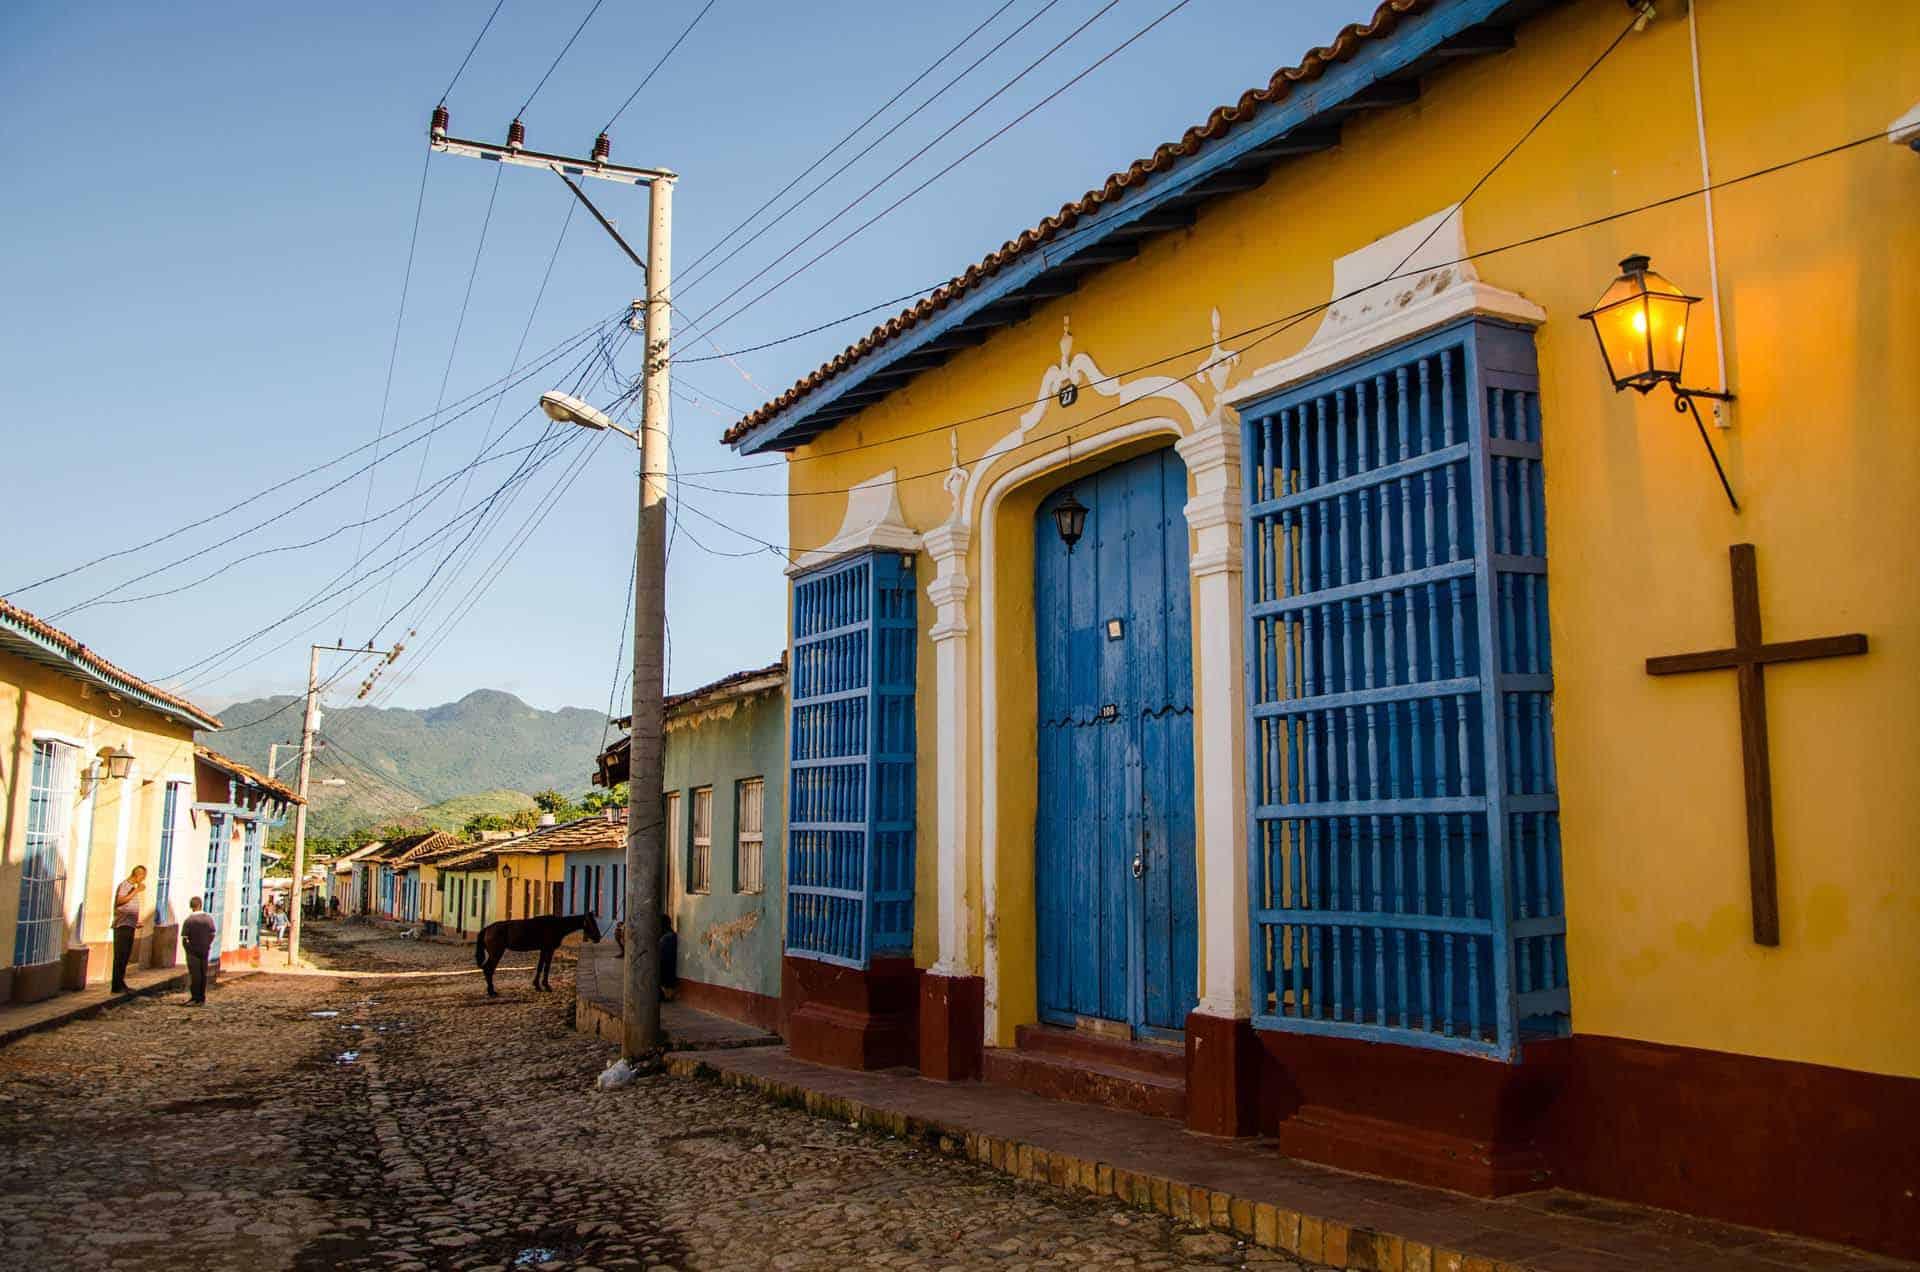 A0061 62 Trinidad Autrement 01 cuba autrement